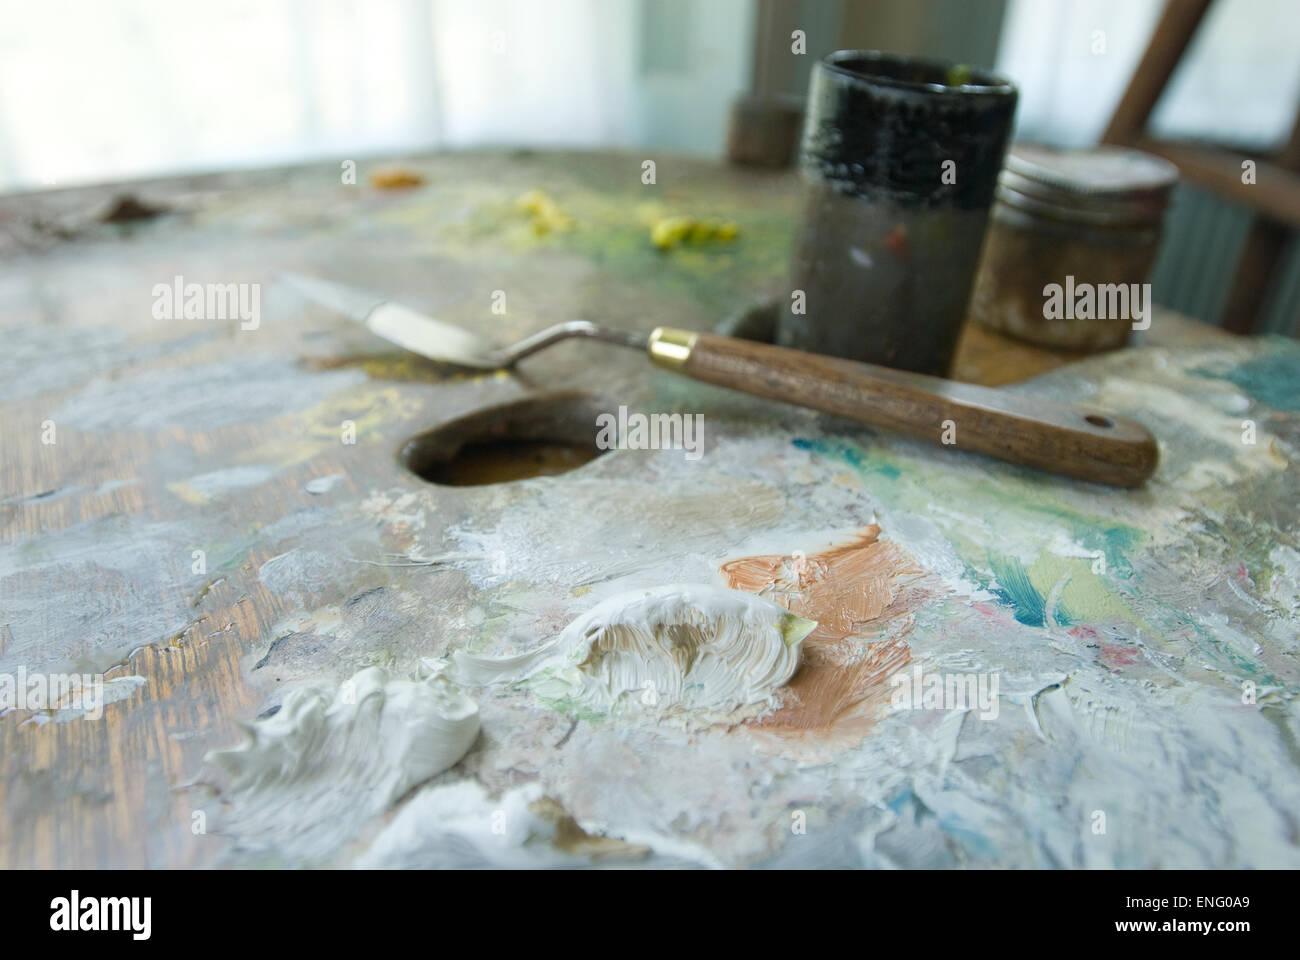 Huiles mixtes peinture blanche sur les grands peintres palette avec un couteau et soupçon de studio en arrière-plan Banque D'Images